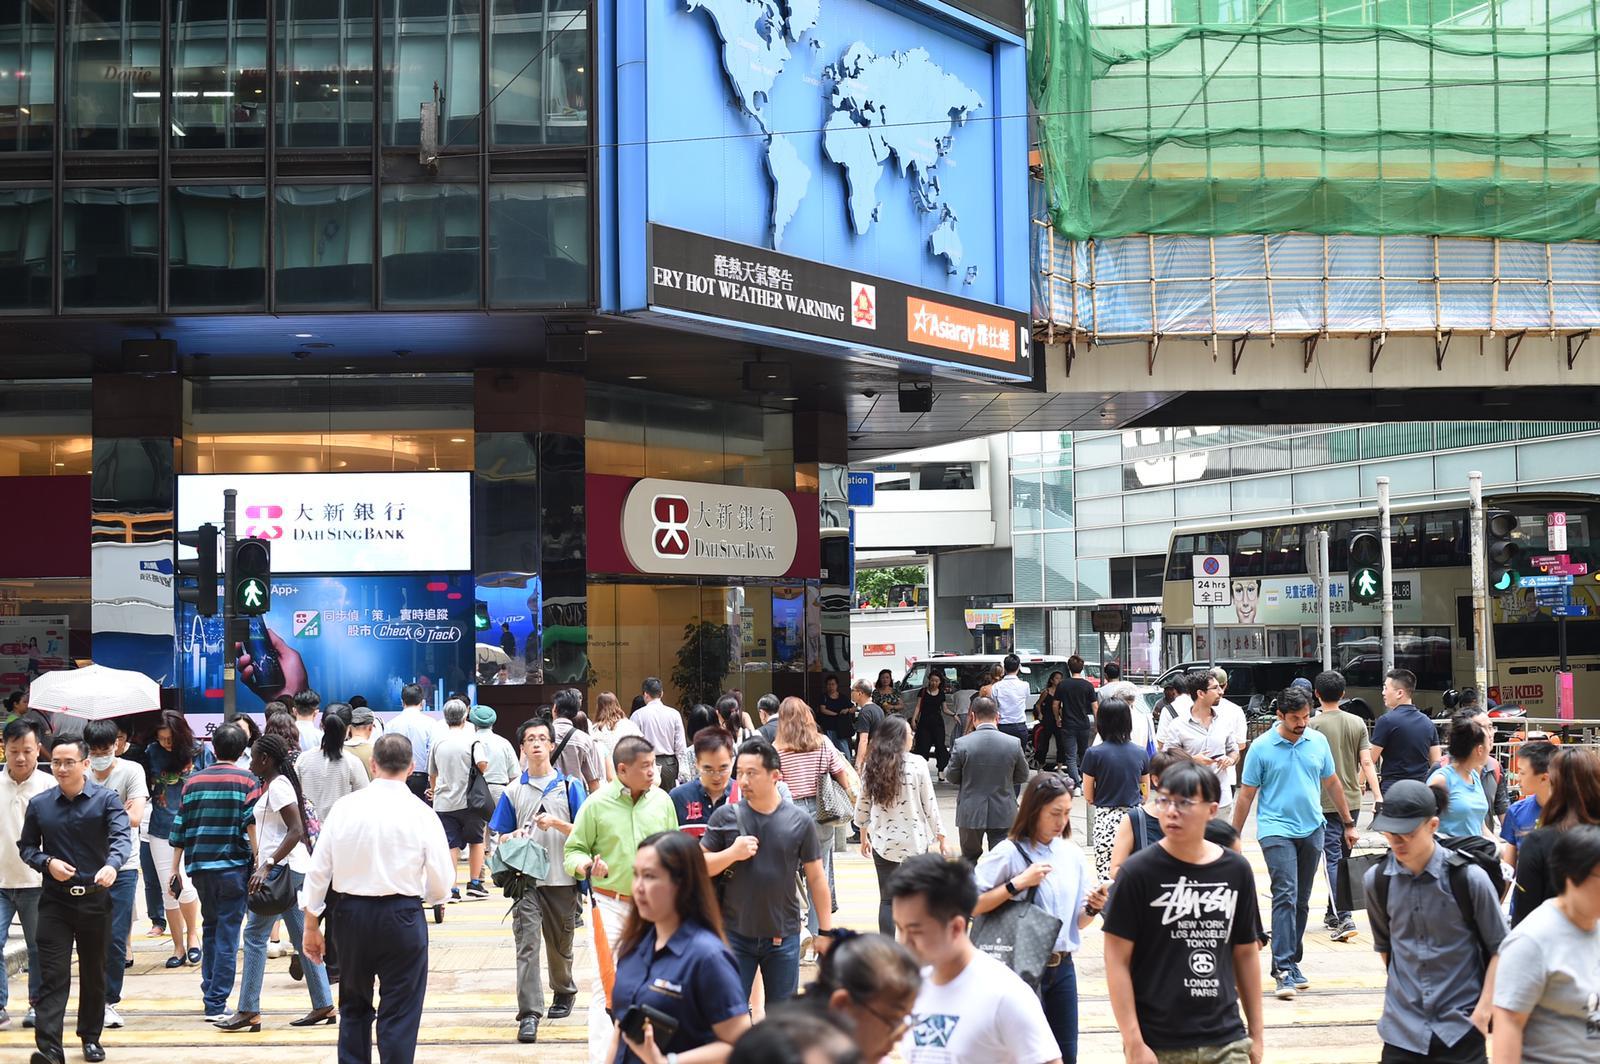 總商會表示,中美貿易爭端和本地示威活動已開始影響經濟。